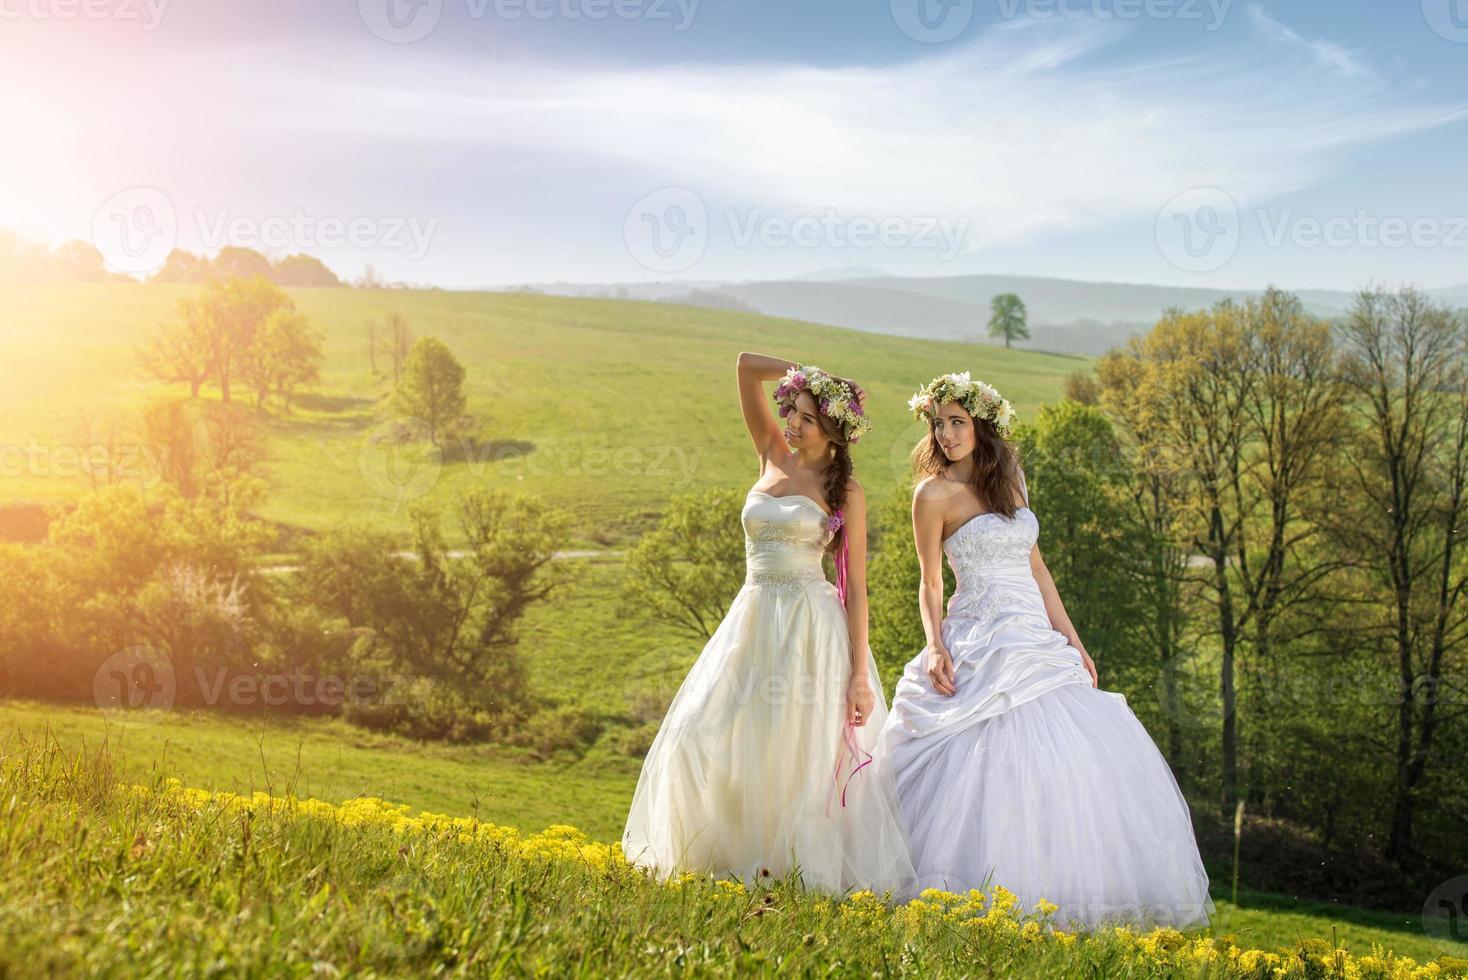 2 hermosa novia en un prado temprano en la mañana foto